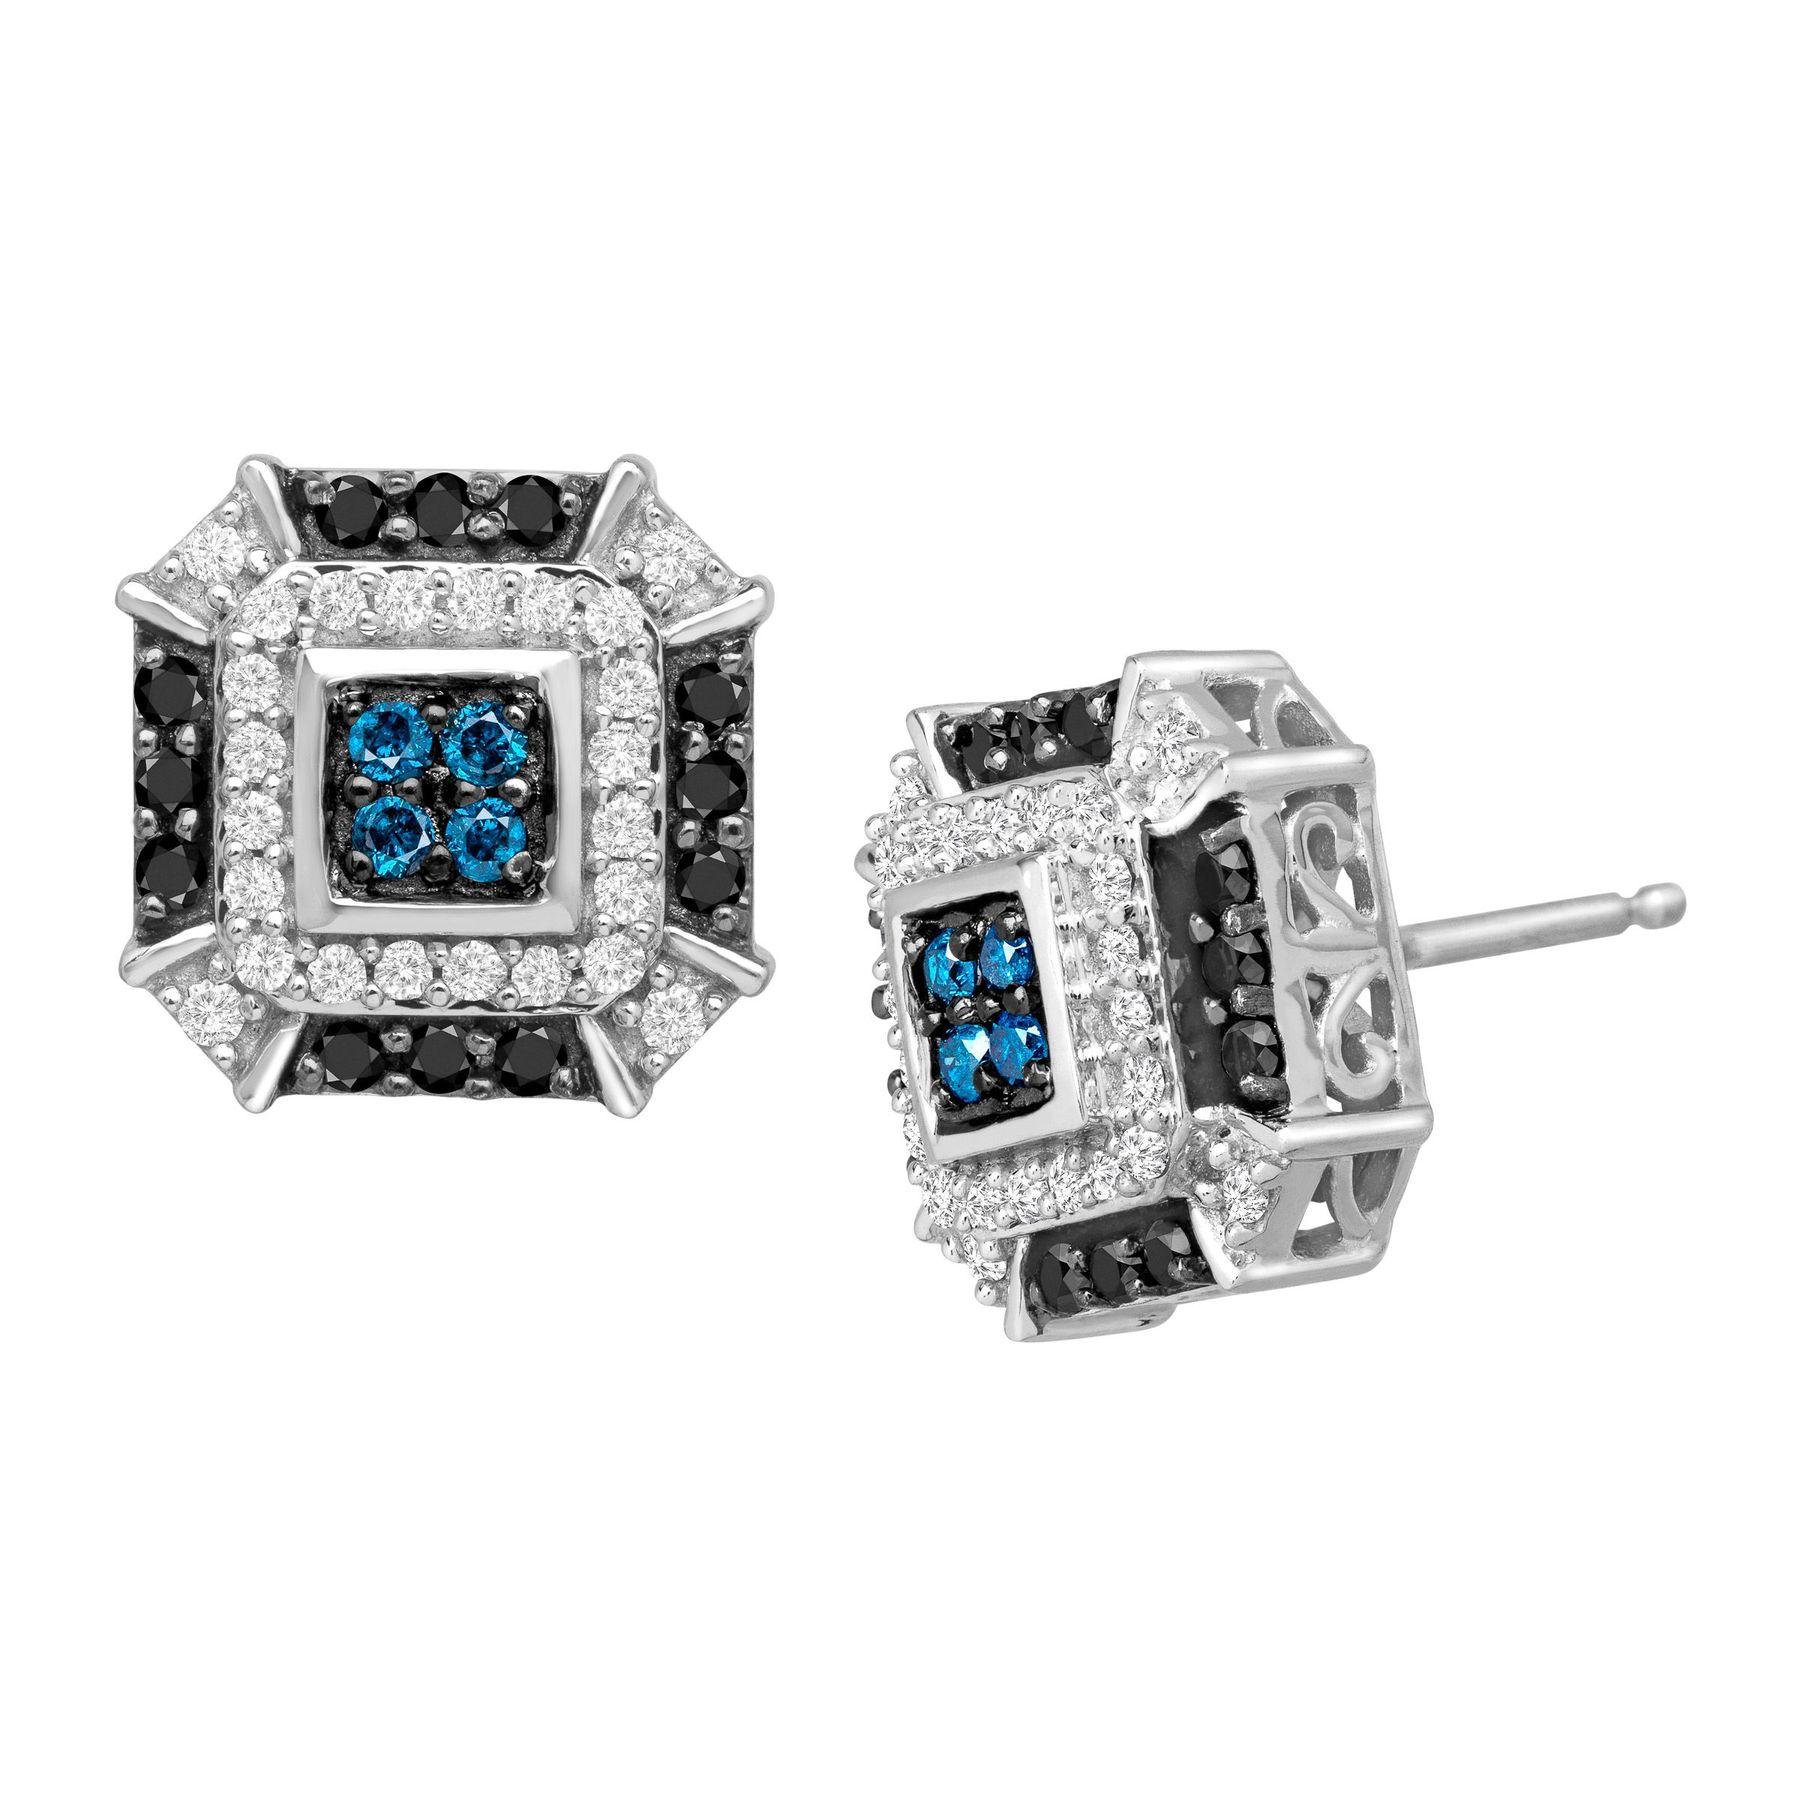 b5b5b41f0 1/2 ct Blue, White & Black Diamond Stud Earrings in 14K White Gold ...